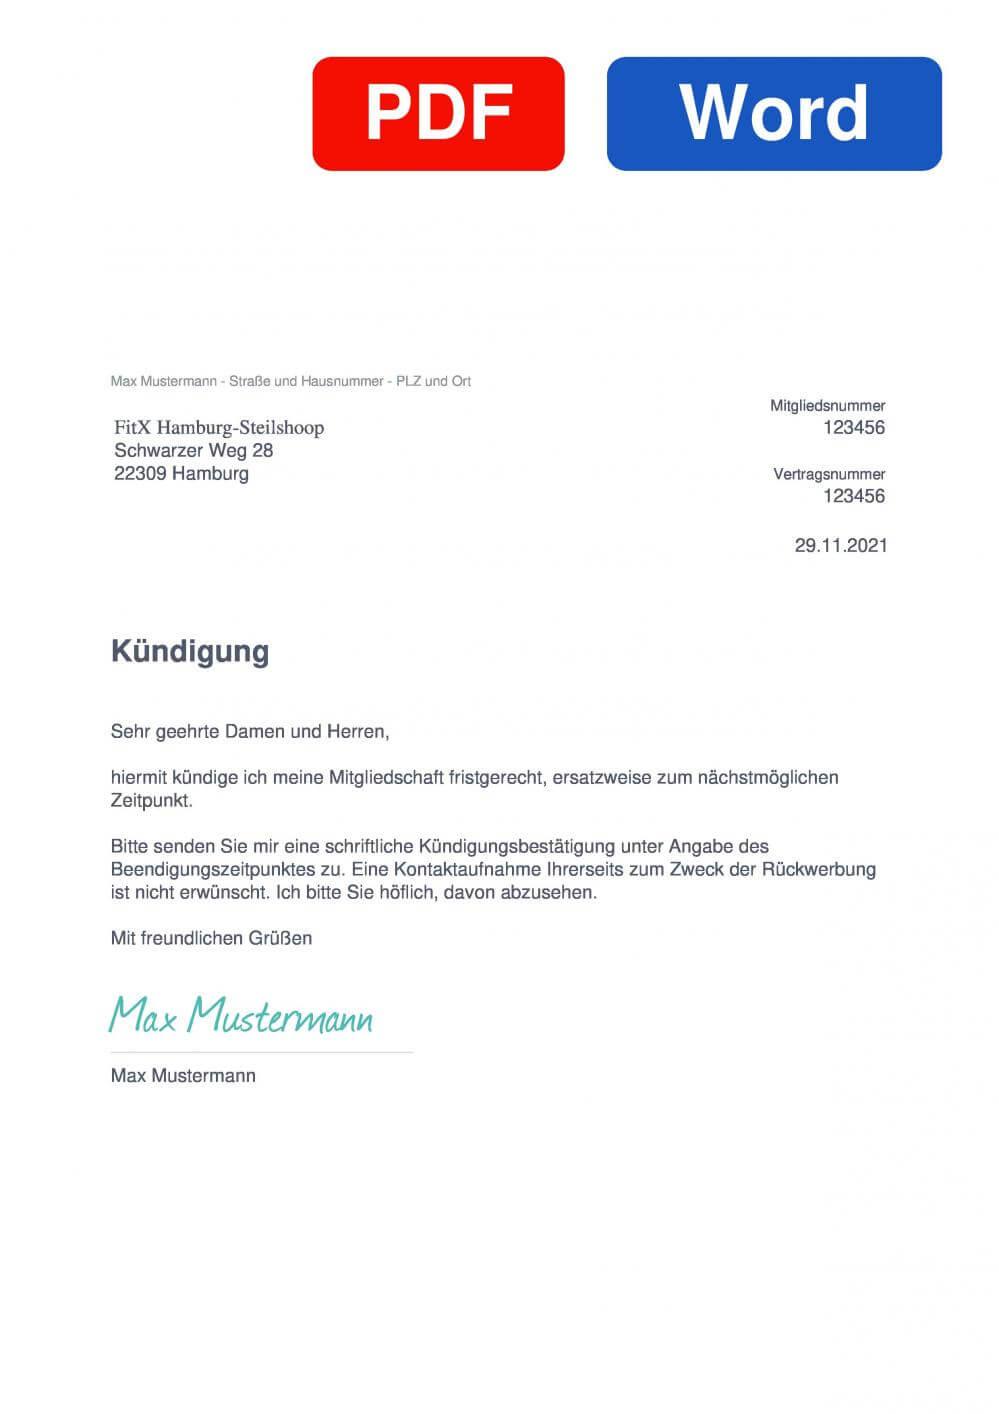 FitX Steilshoop Muster Vorlage für Kündigungsschreiben